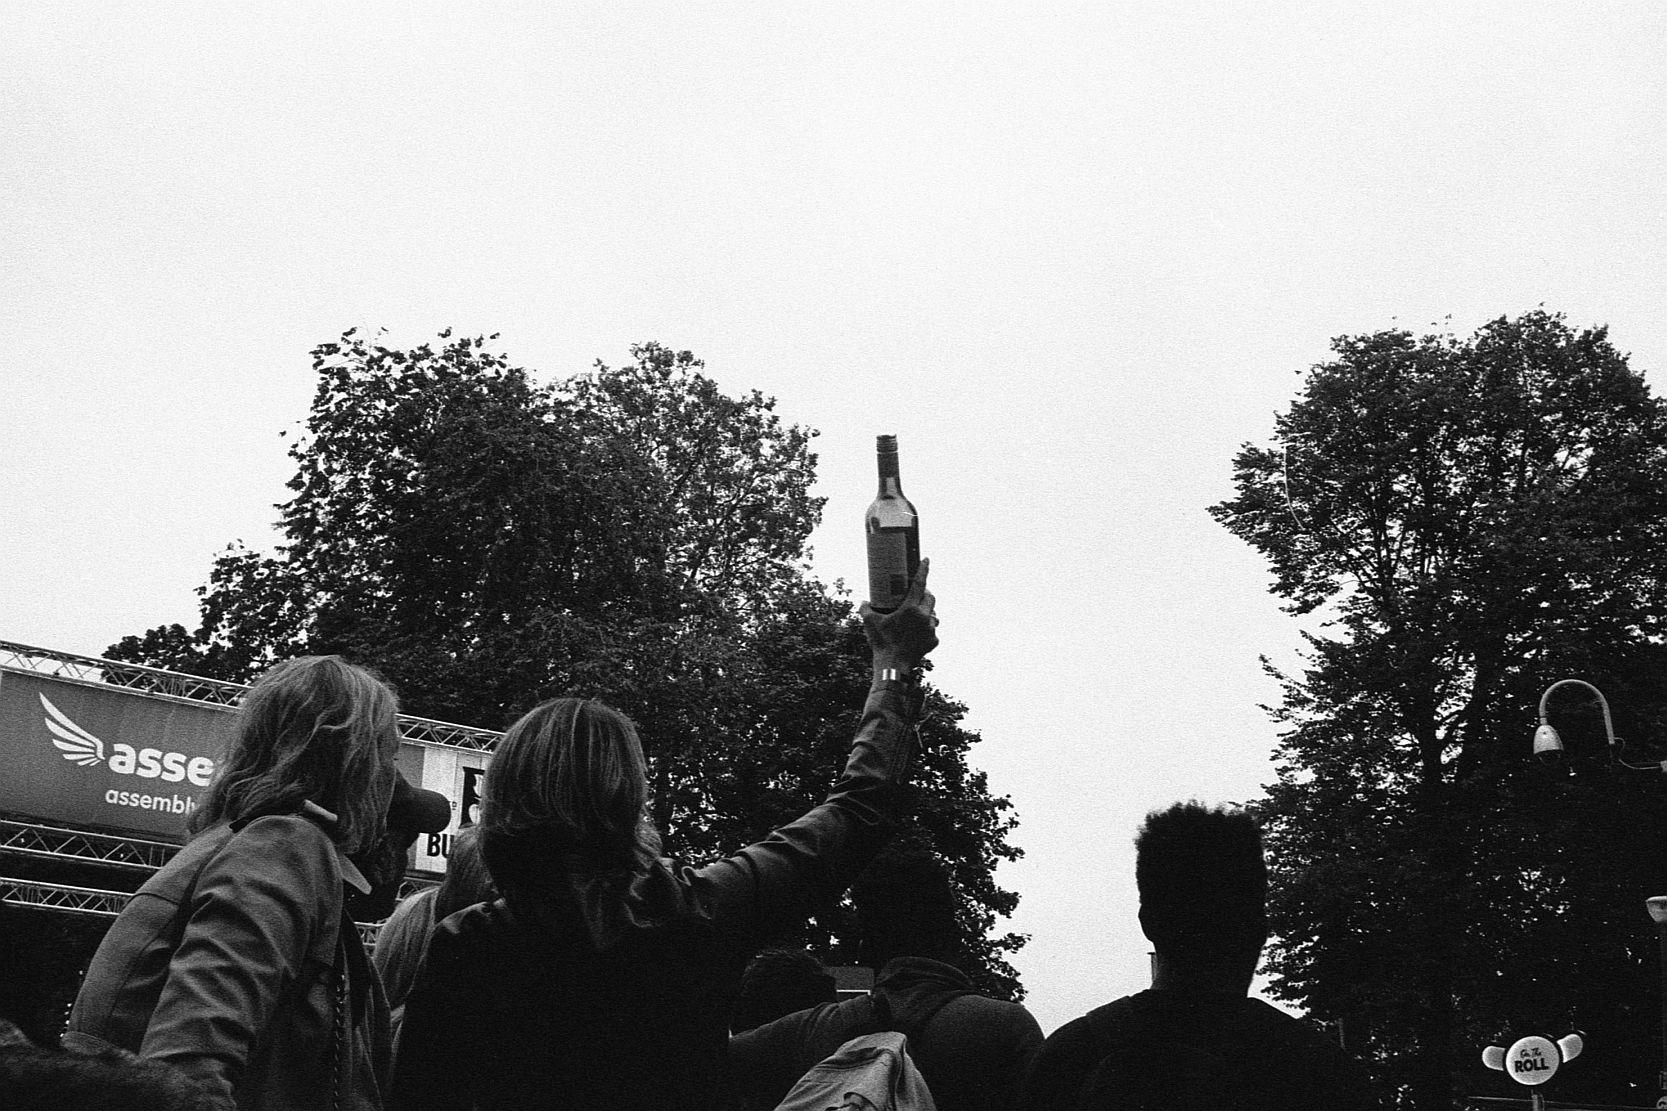 edin_festival_2018_23.jpg